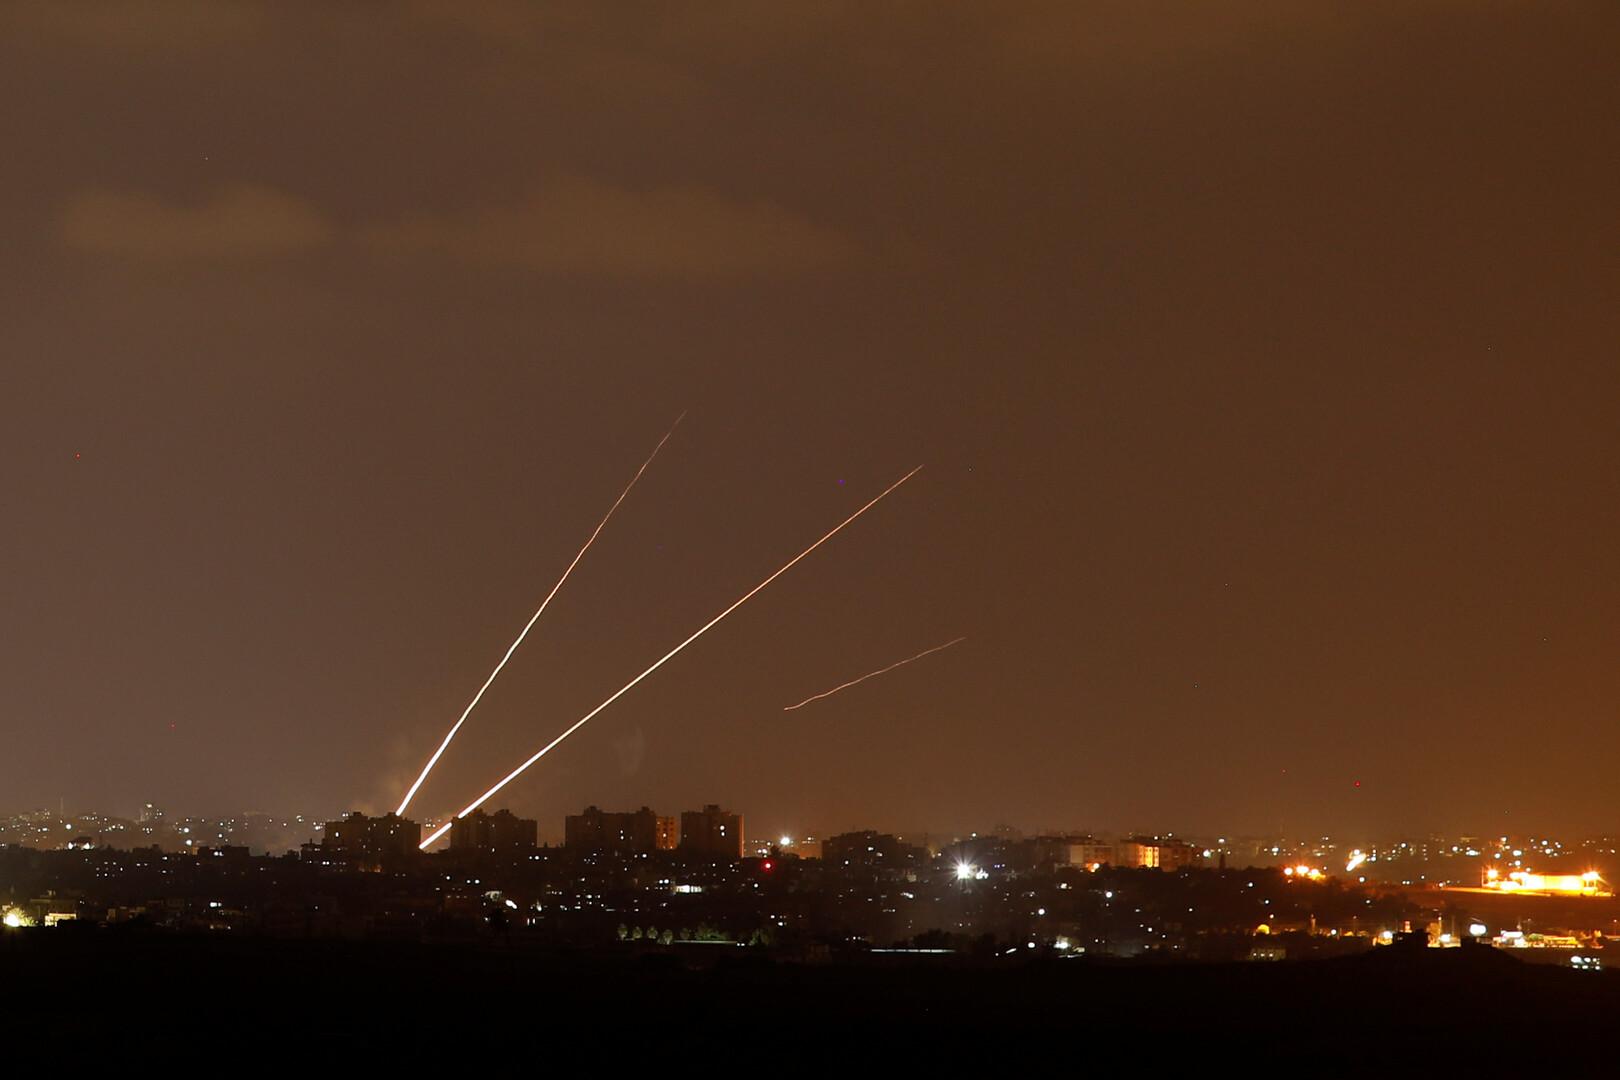 الجيش الإسرائيلي: إطلاق 5 قذائف صاروخية من قطاع غزة